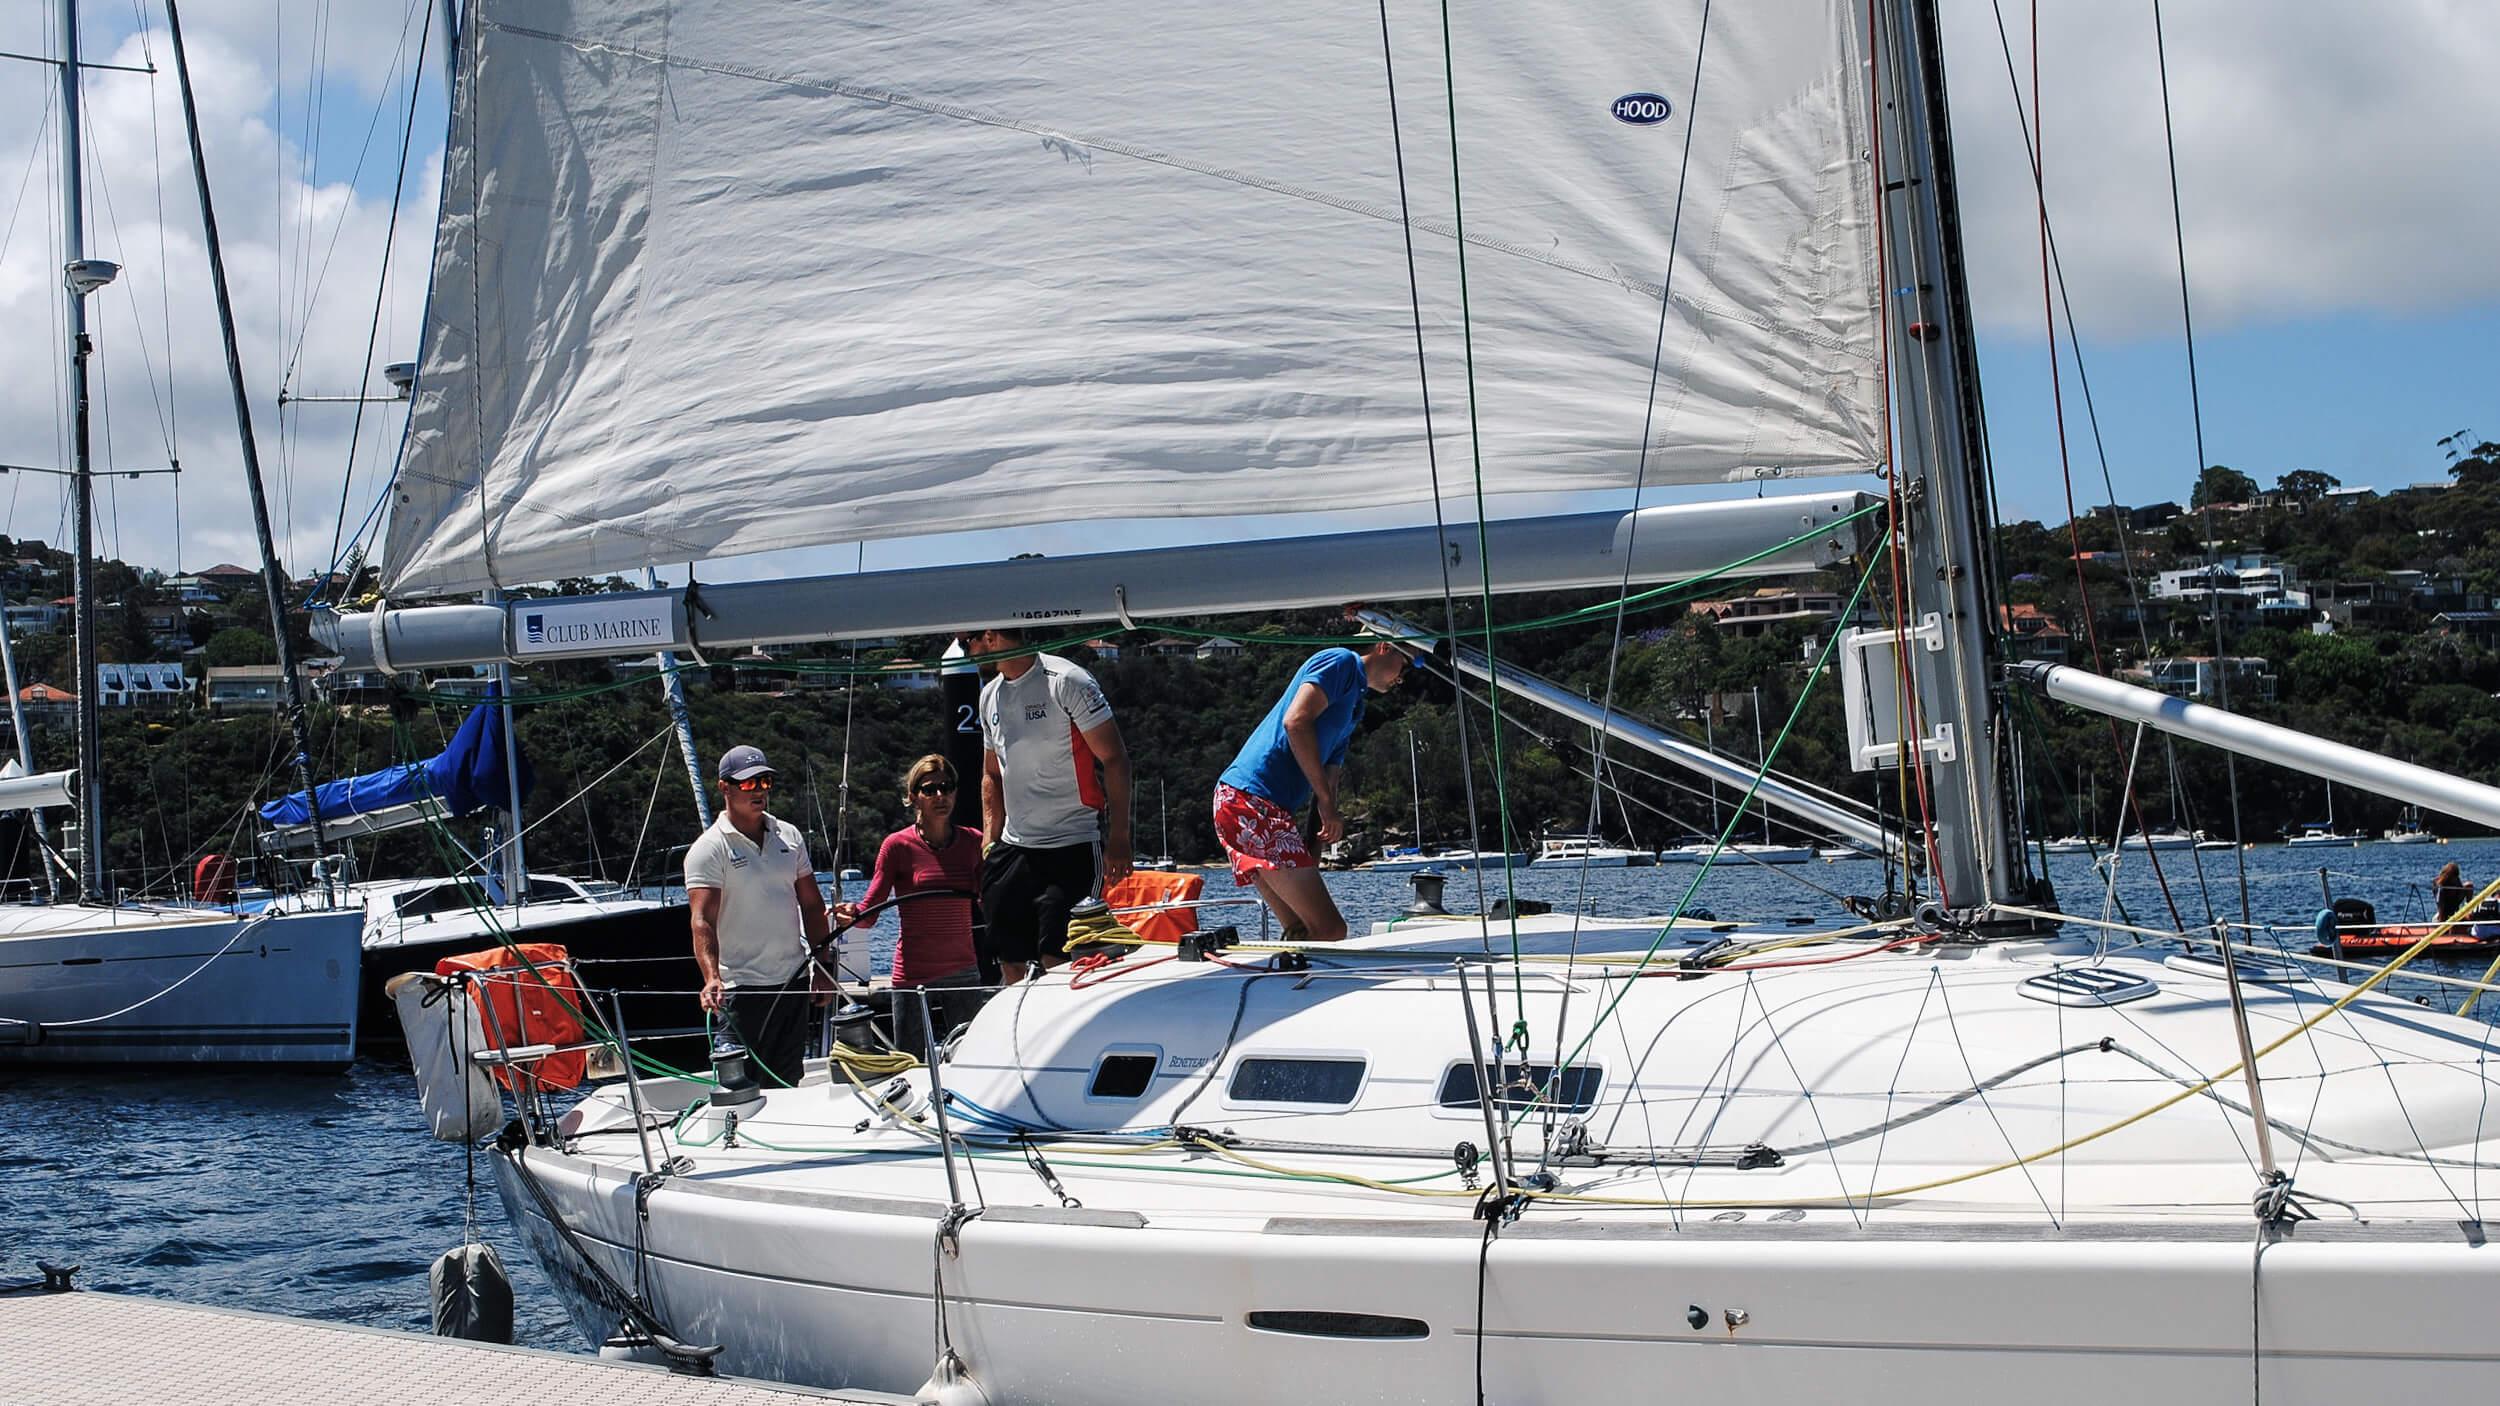 Flying-Fish-Sailing-00059.jpg